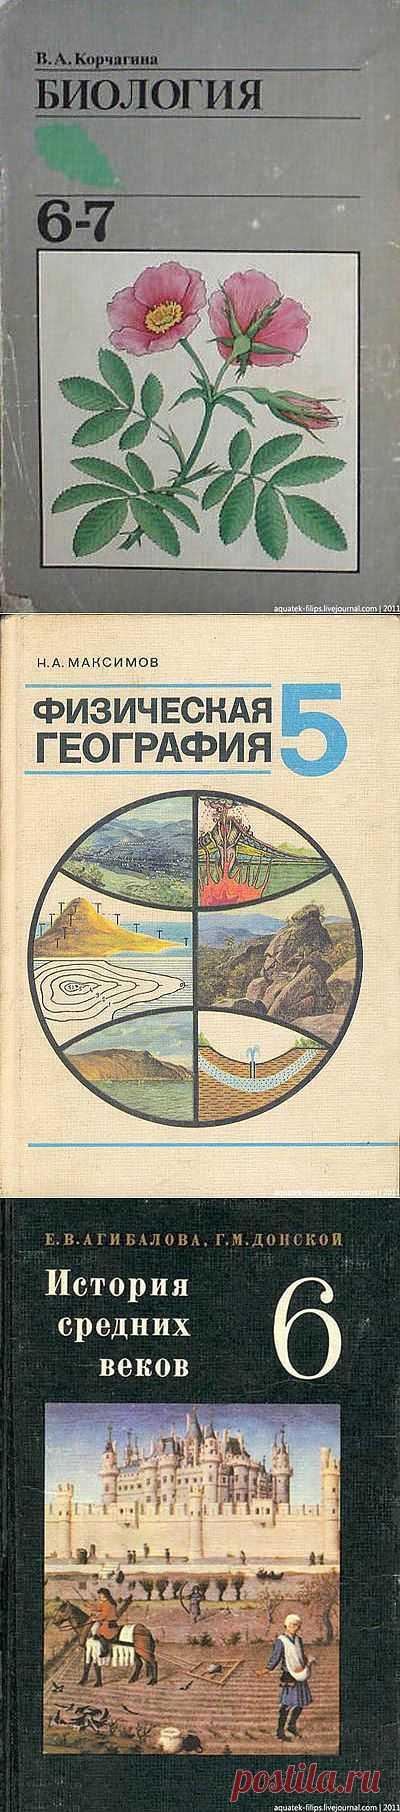 (+1) сообщ - Незабываемые обложки: учебники, по которым мы когда-то учились | Дети перестройки